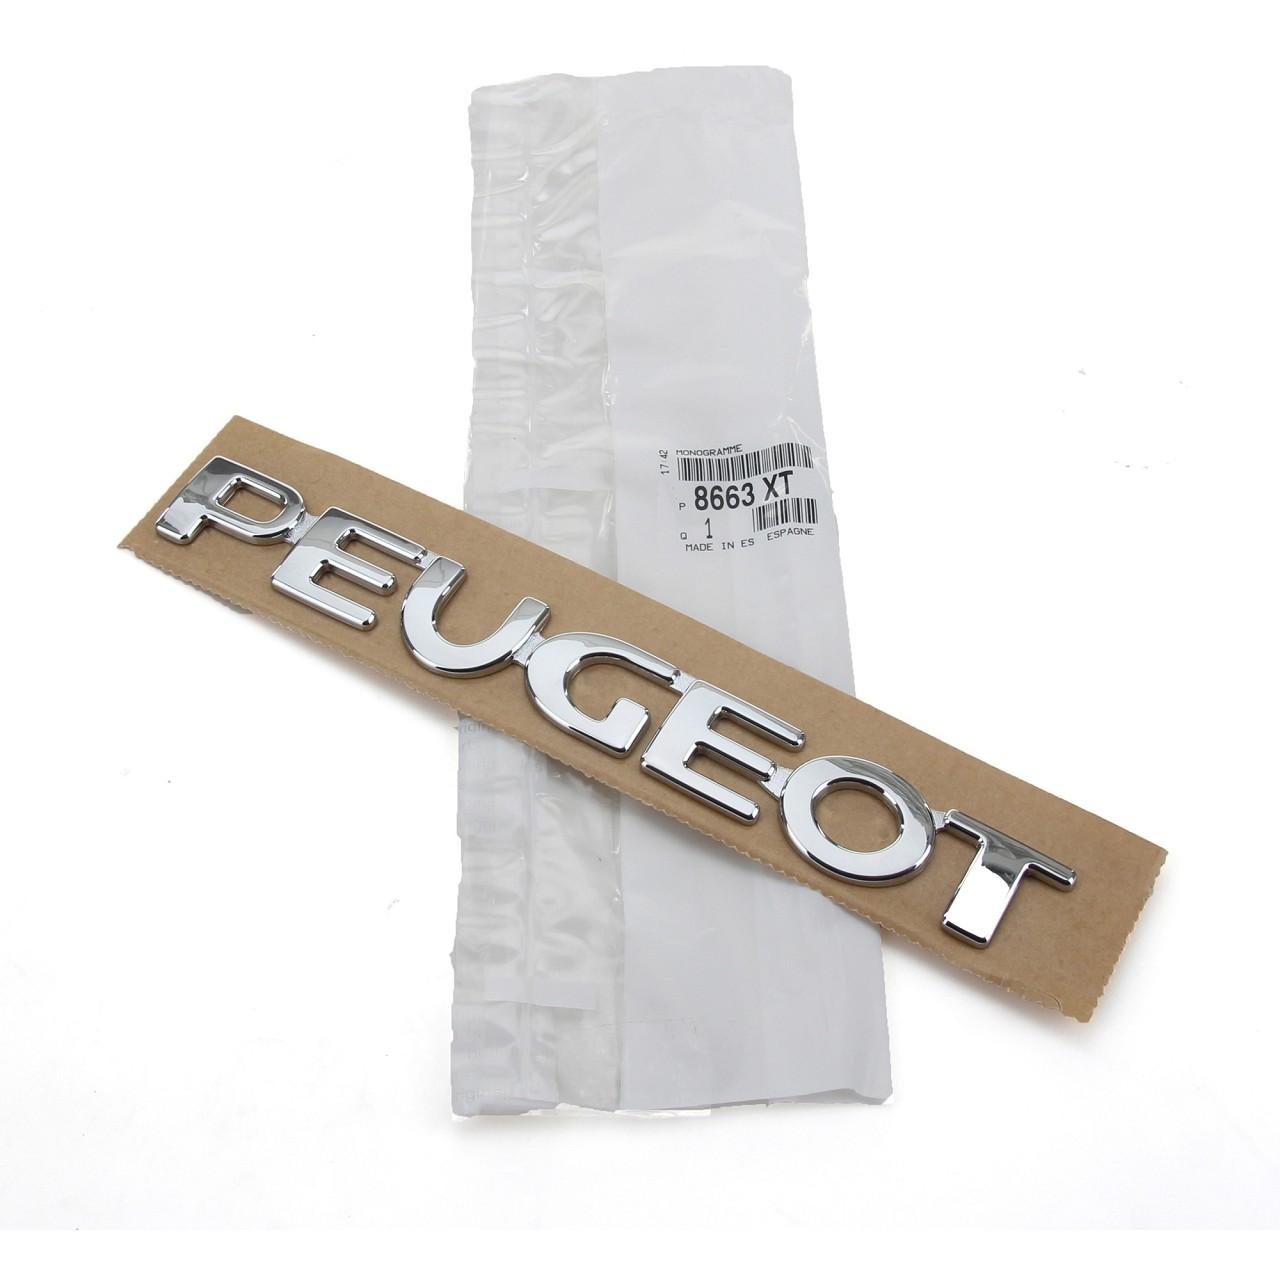 ORIGINAL Peugeot Emblem Plakette Schriftzug Logo Heckklappe 206 8663.XT